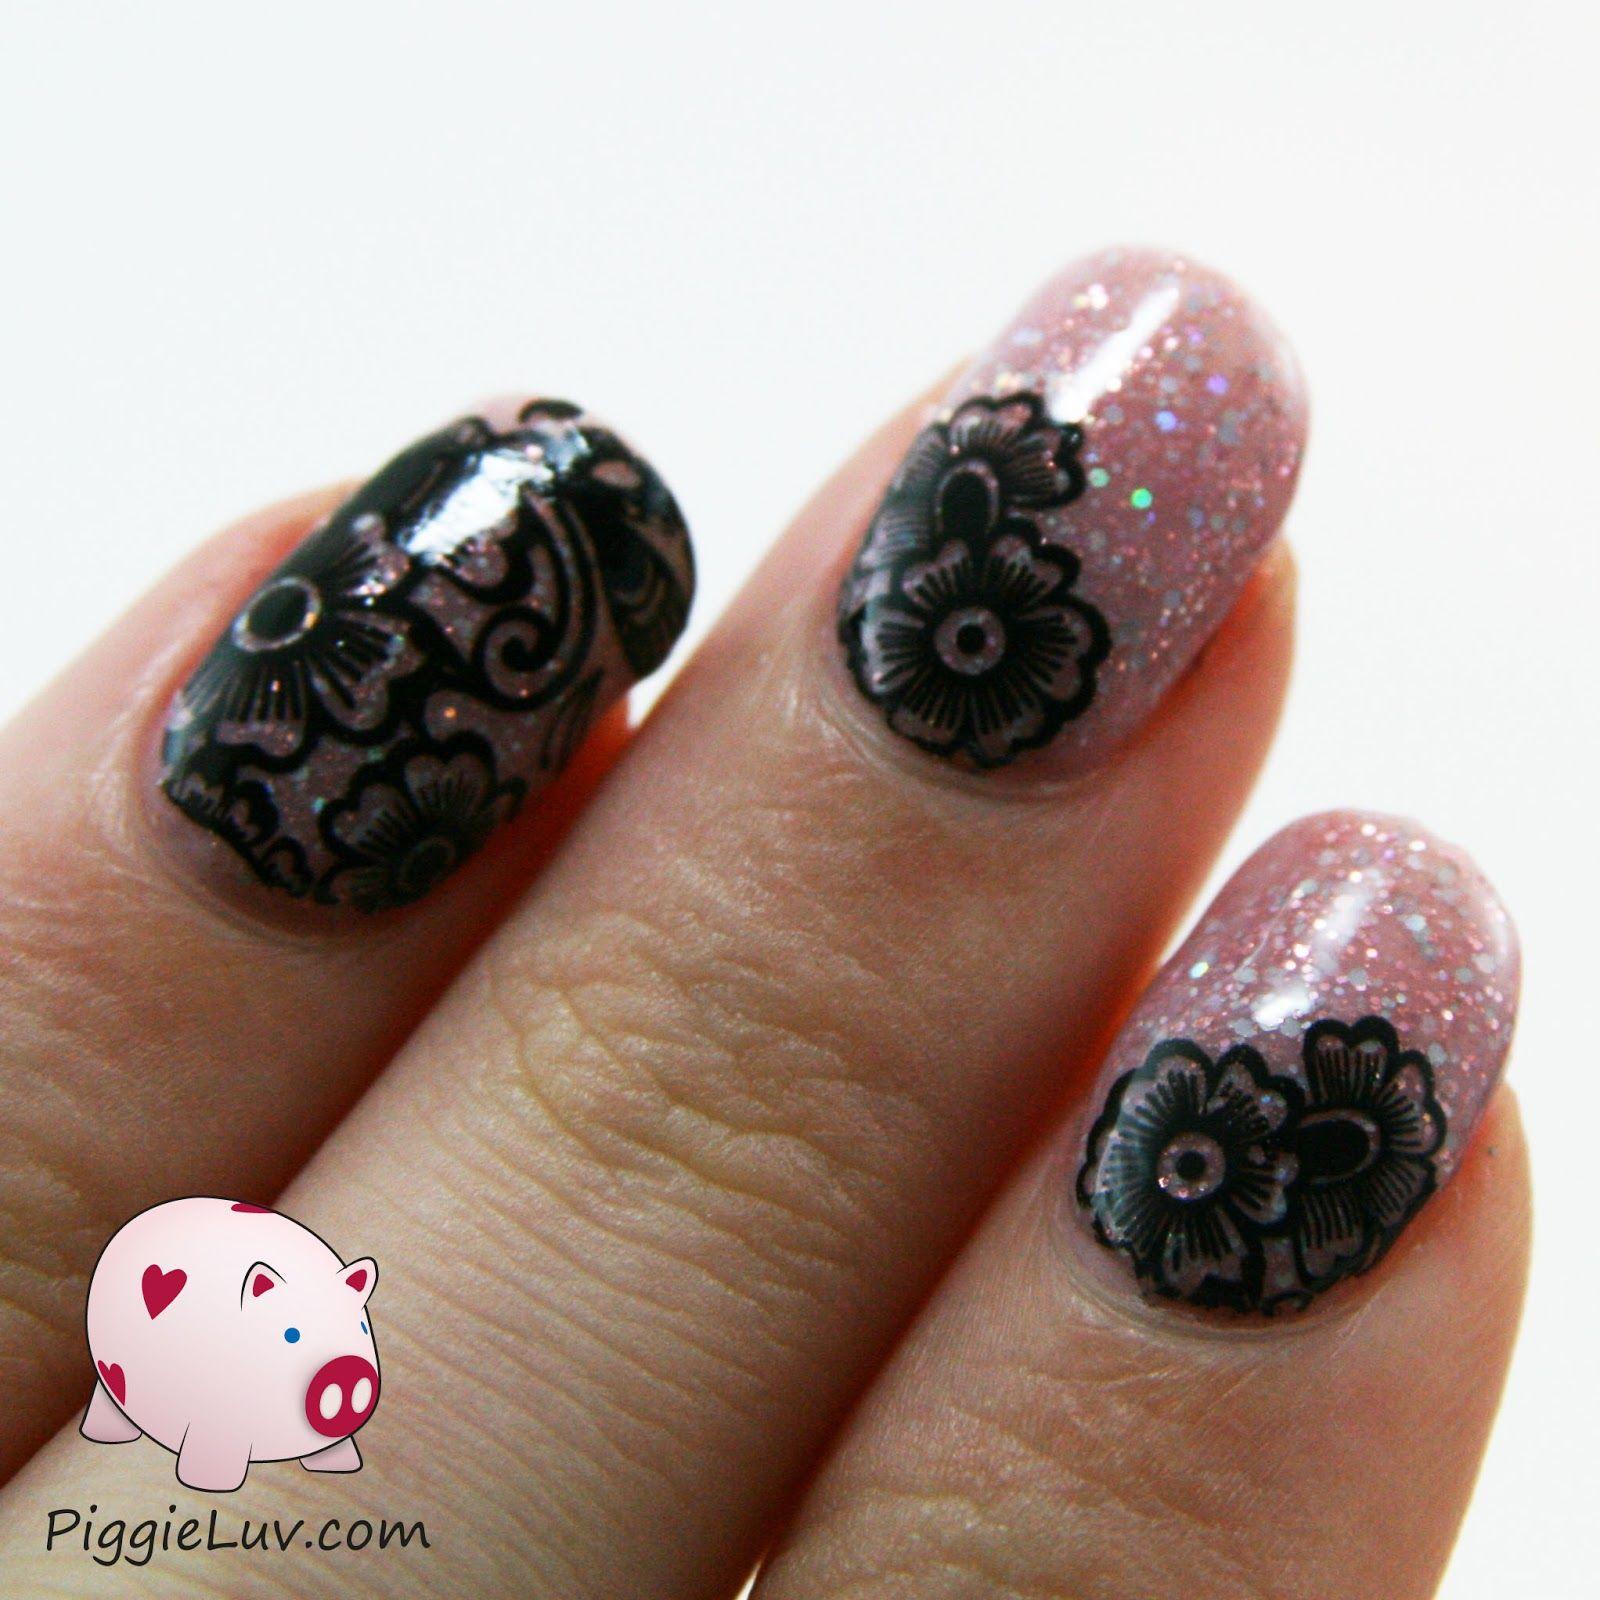 Easy nail art with Kiss Nail Tattoos | Pinterest | Kiss nails, Nail ...